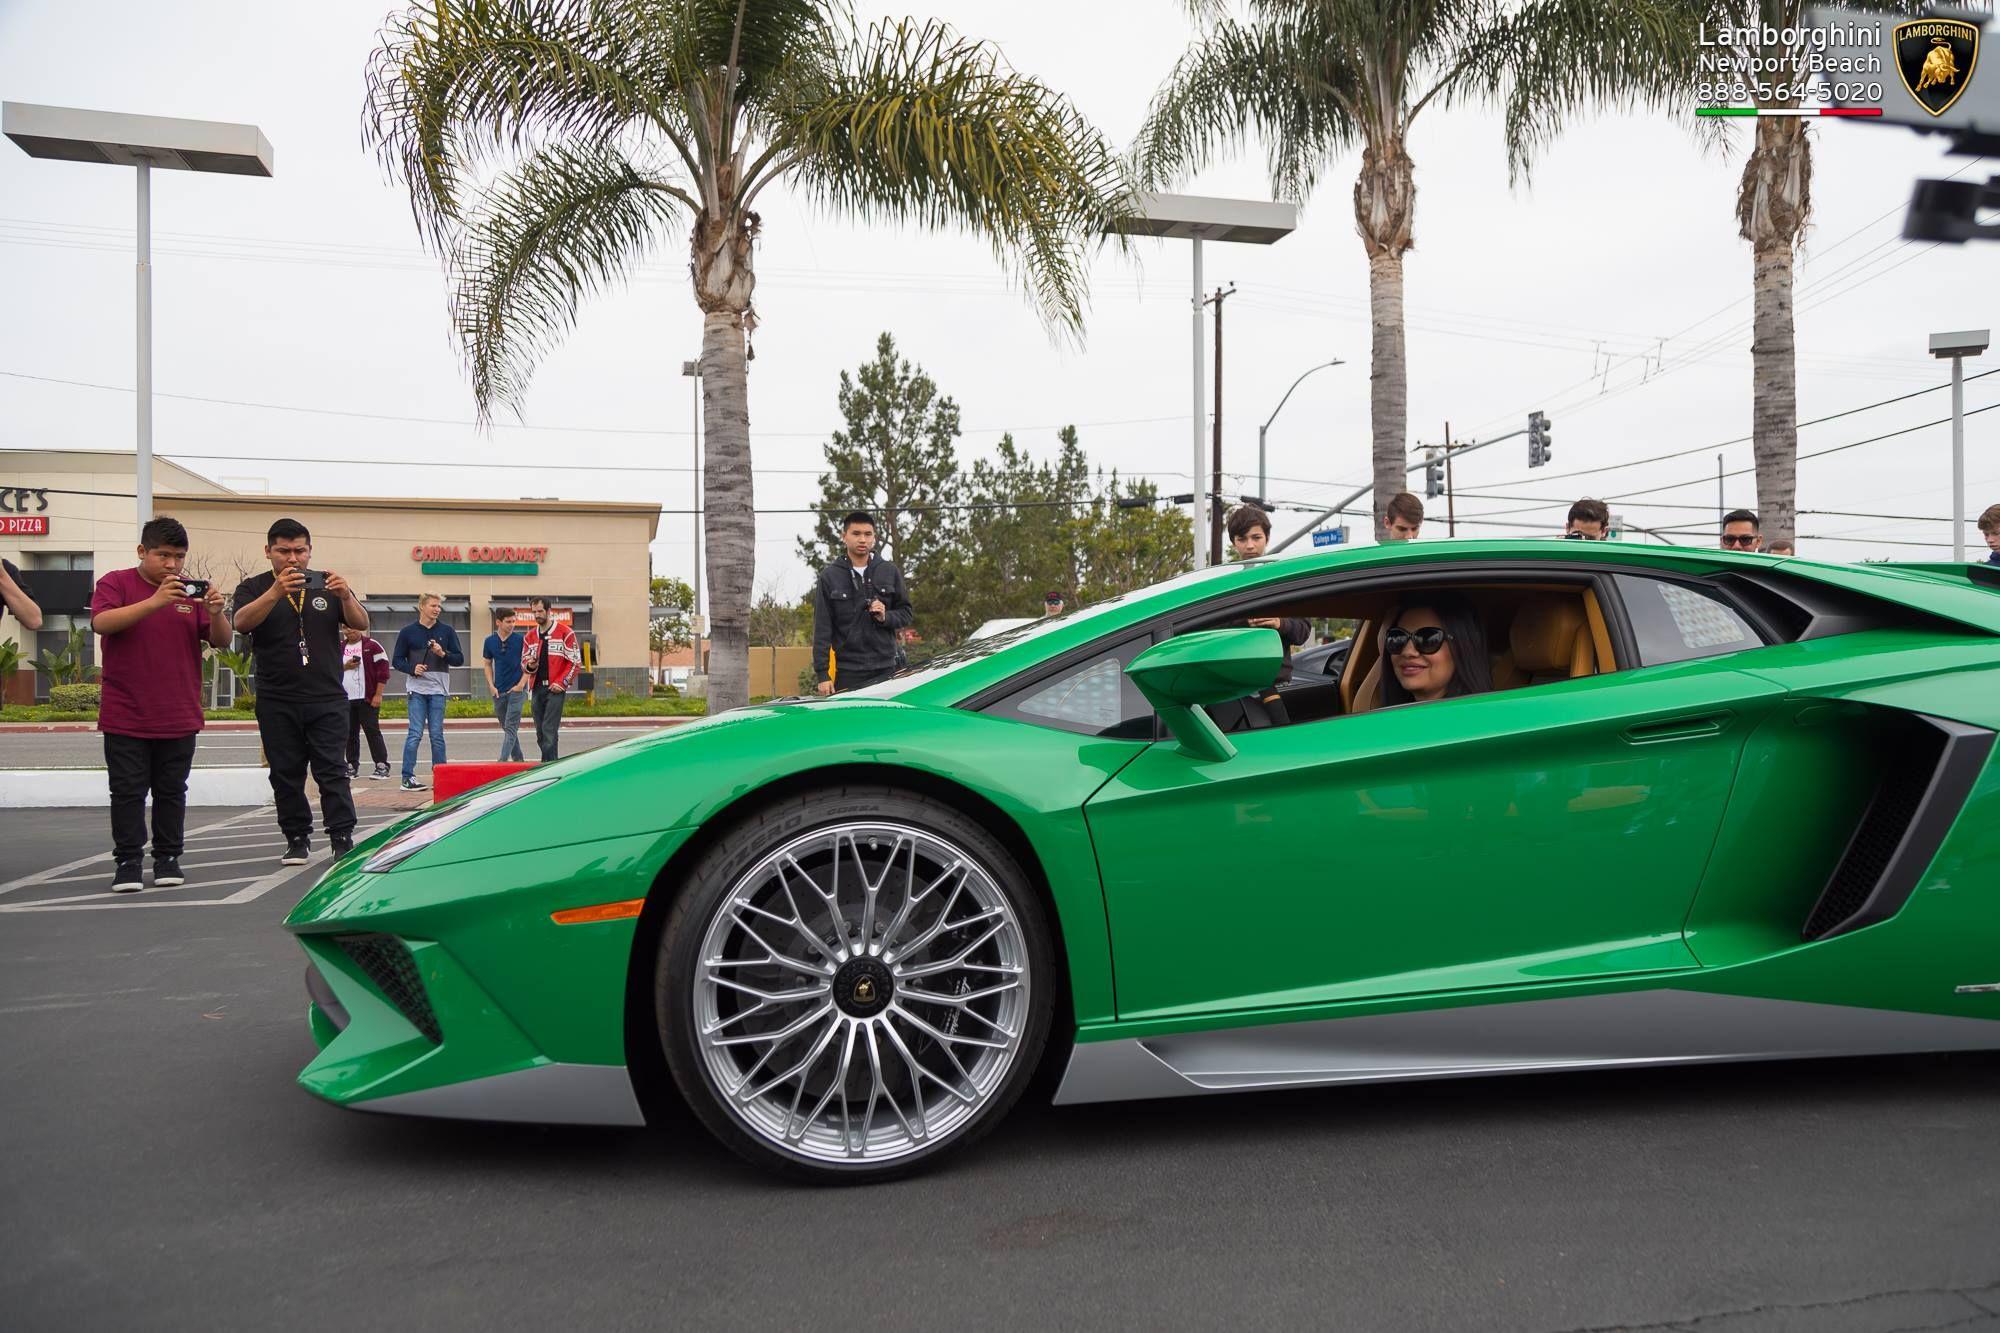 Lamborghini_Aventador_SV_Miura_SV_0006